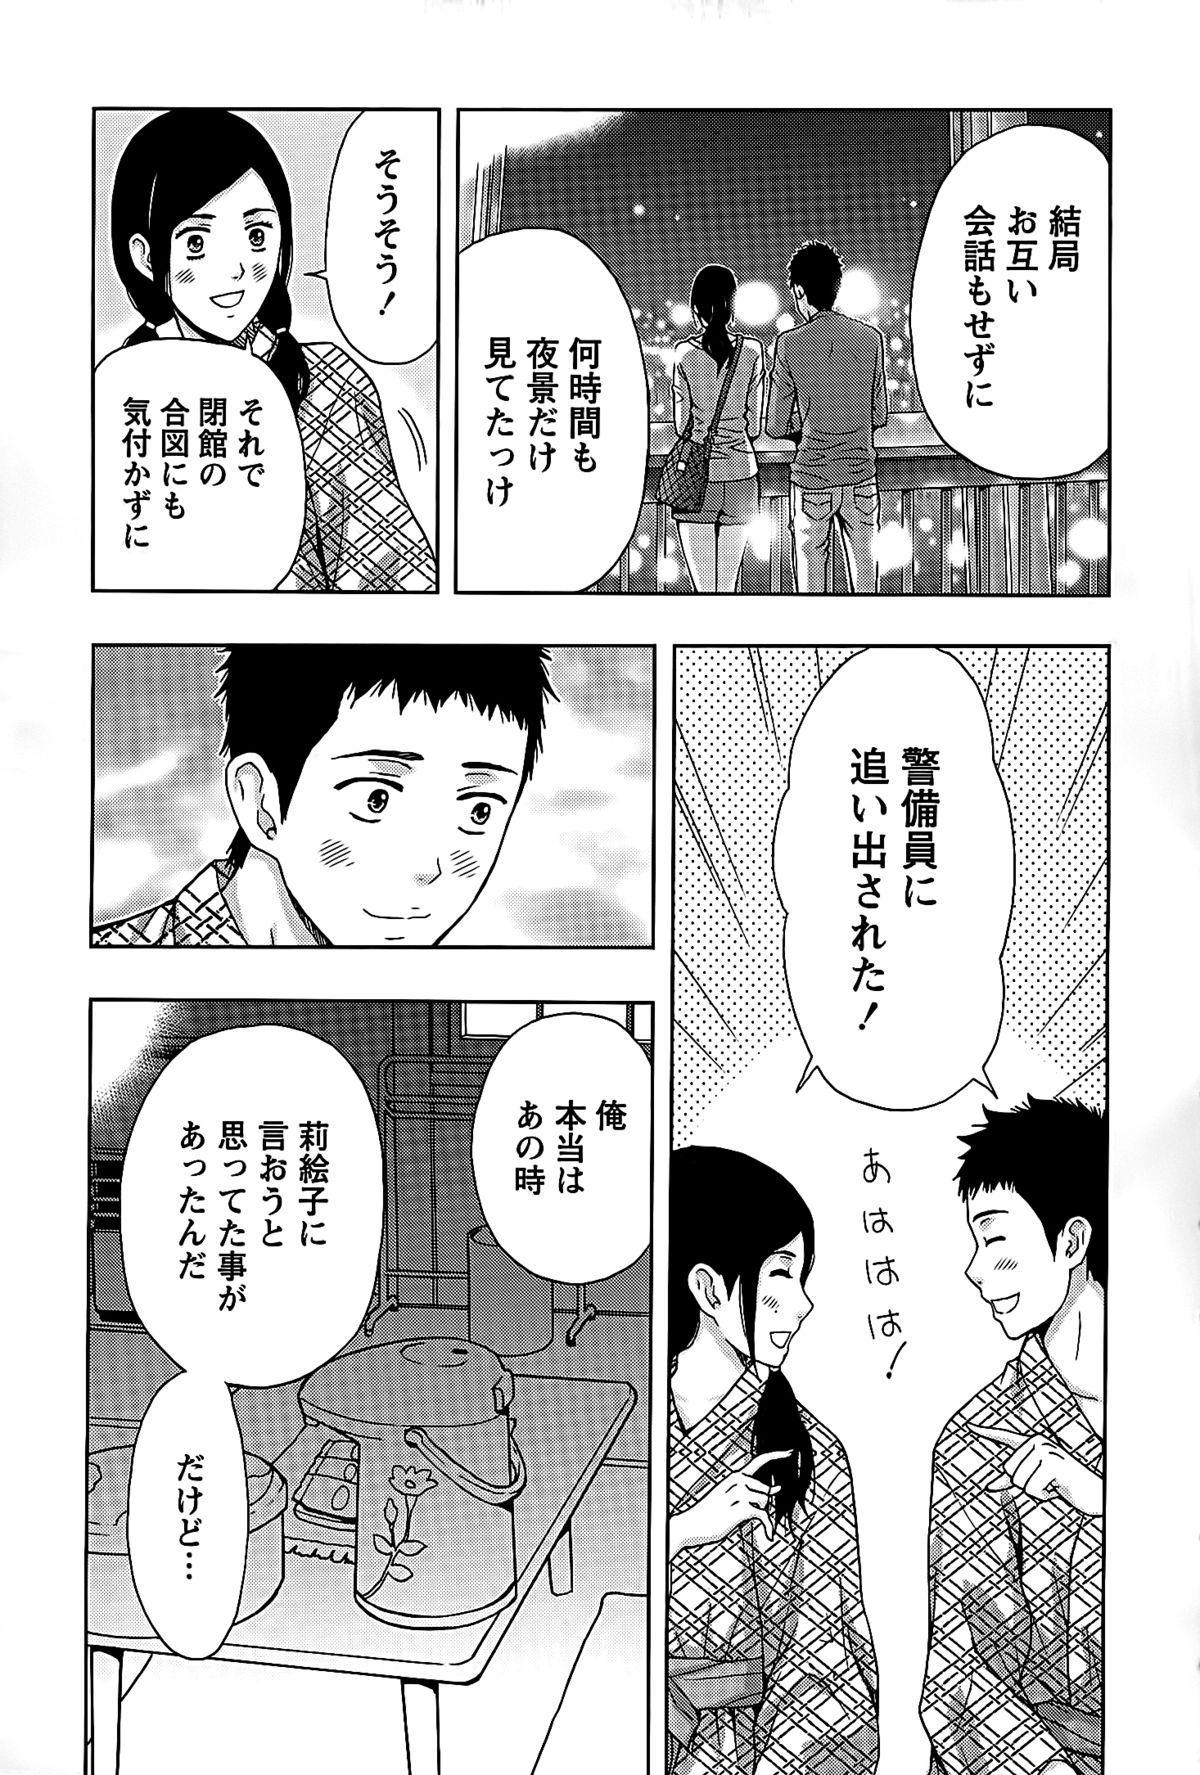 Shittori Lady to Amai Mitsu 159